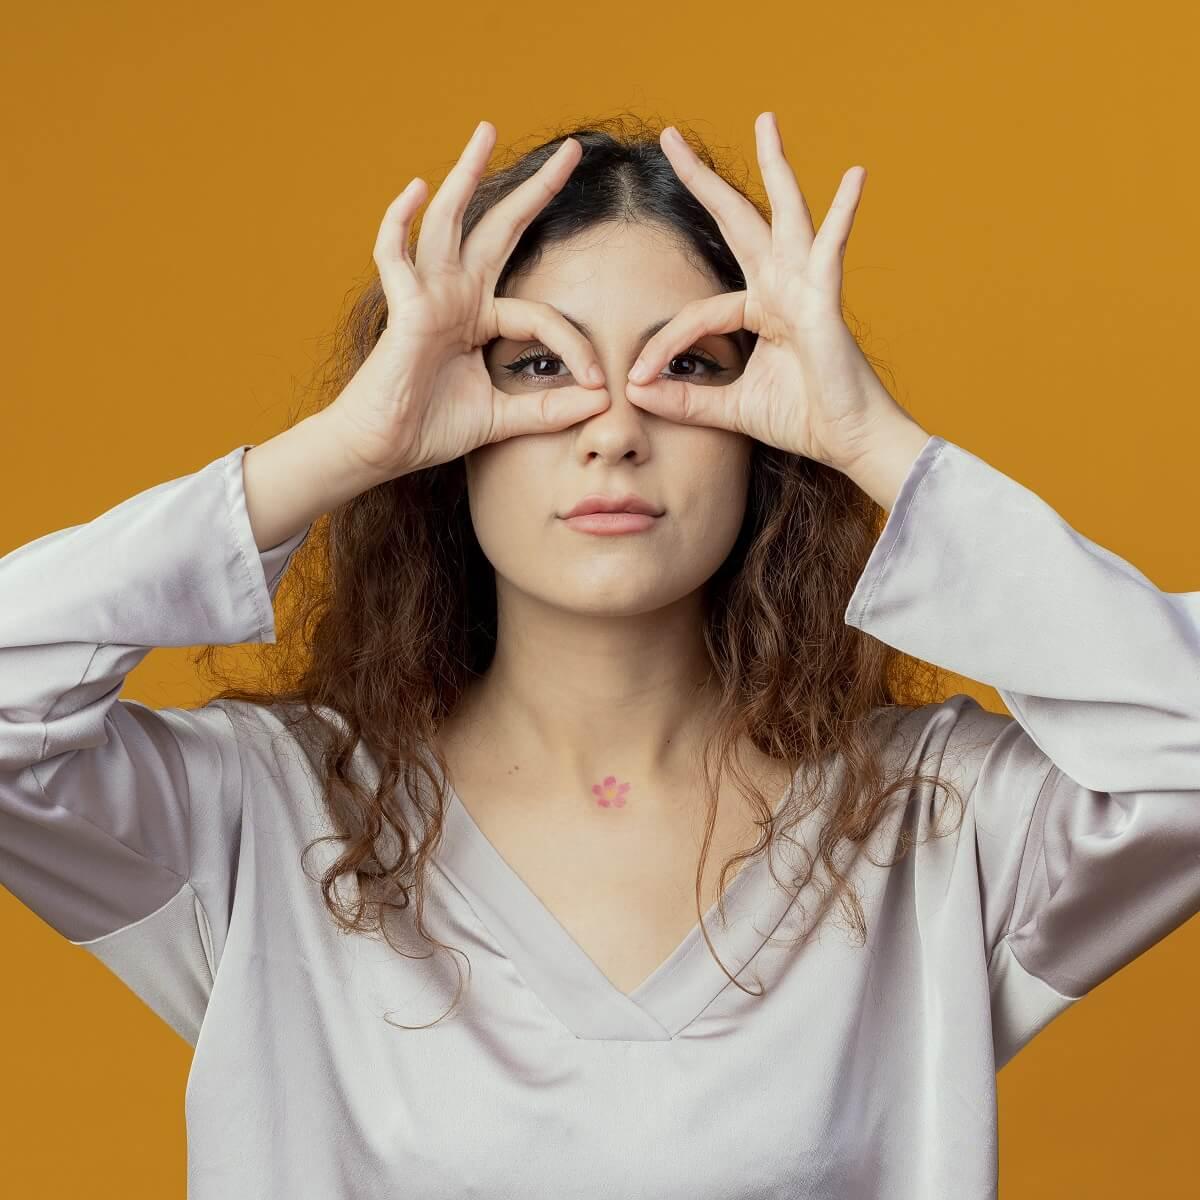 手で眼鏡マスクを作る女性。